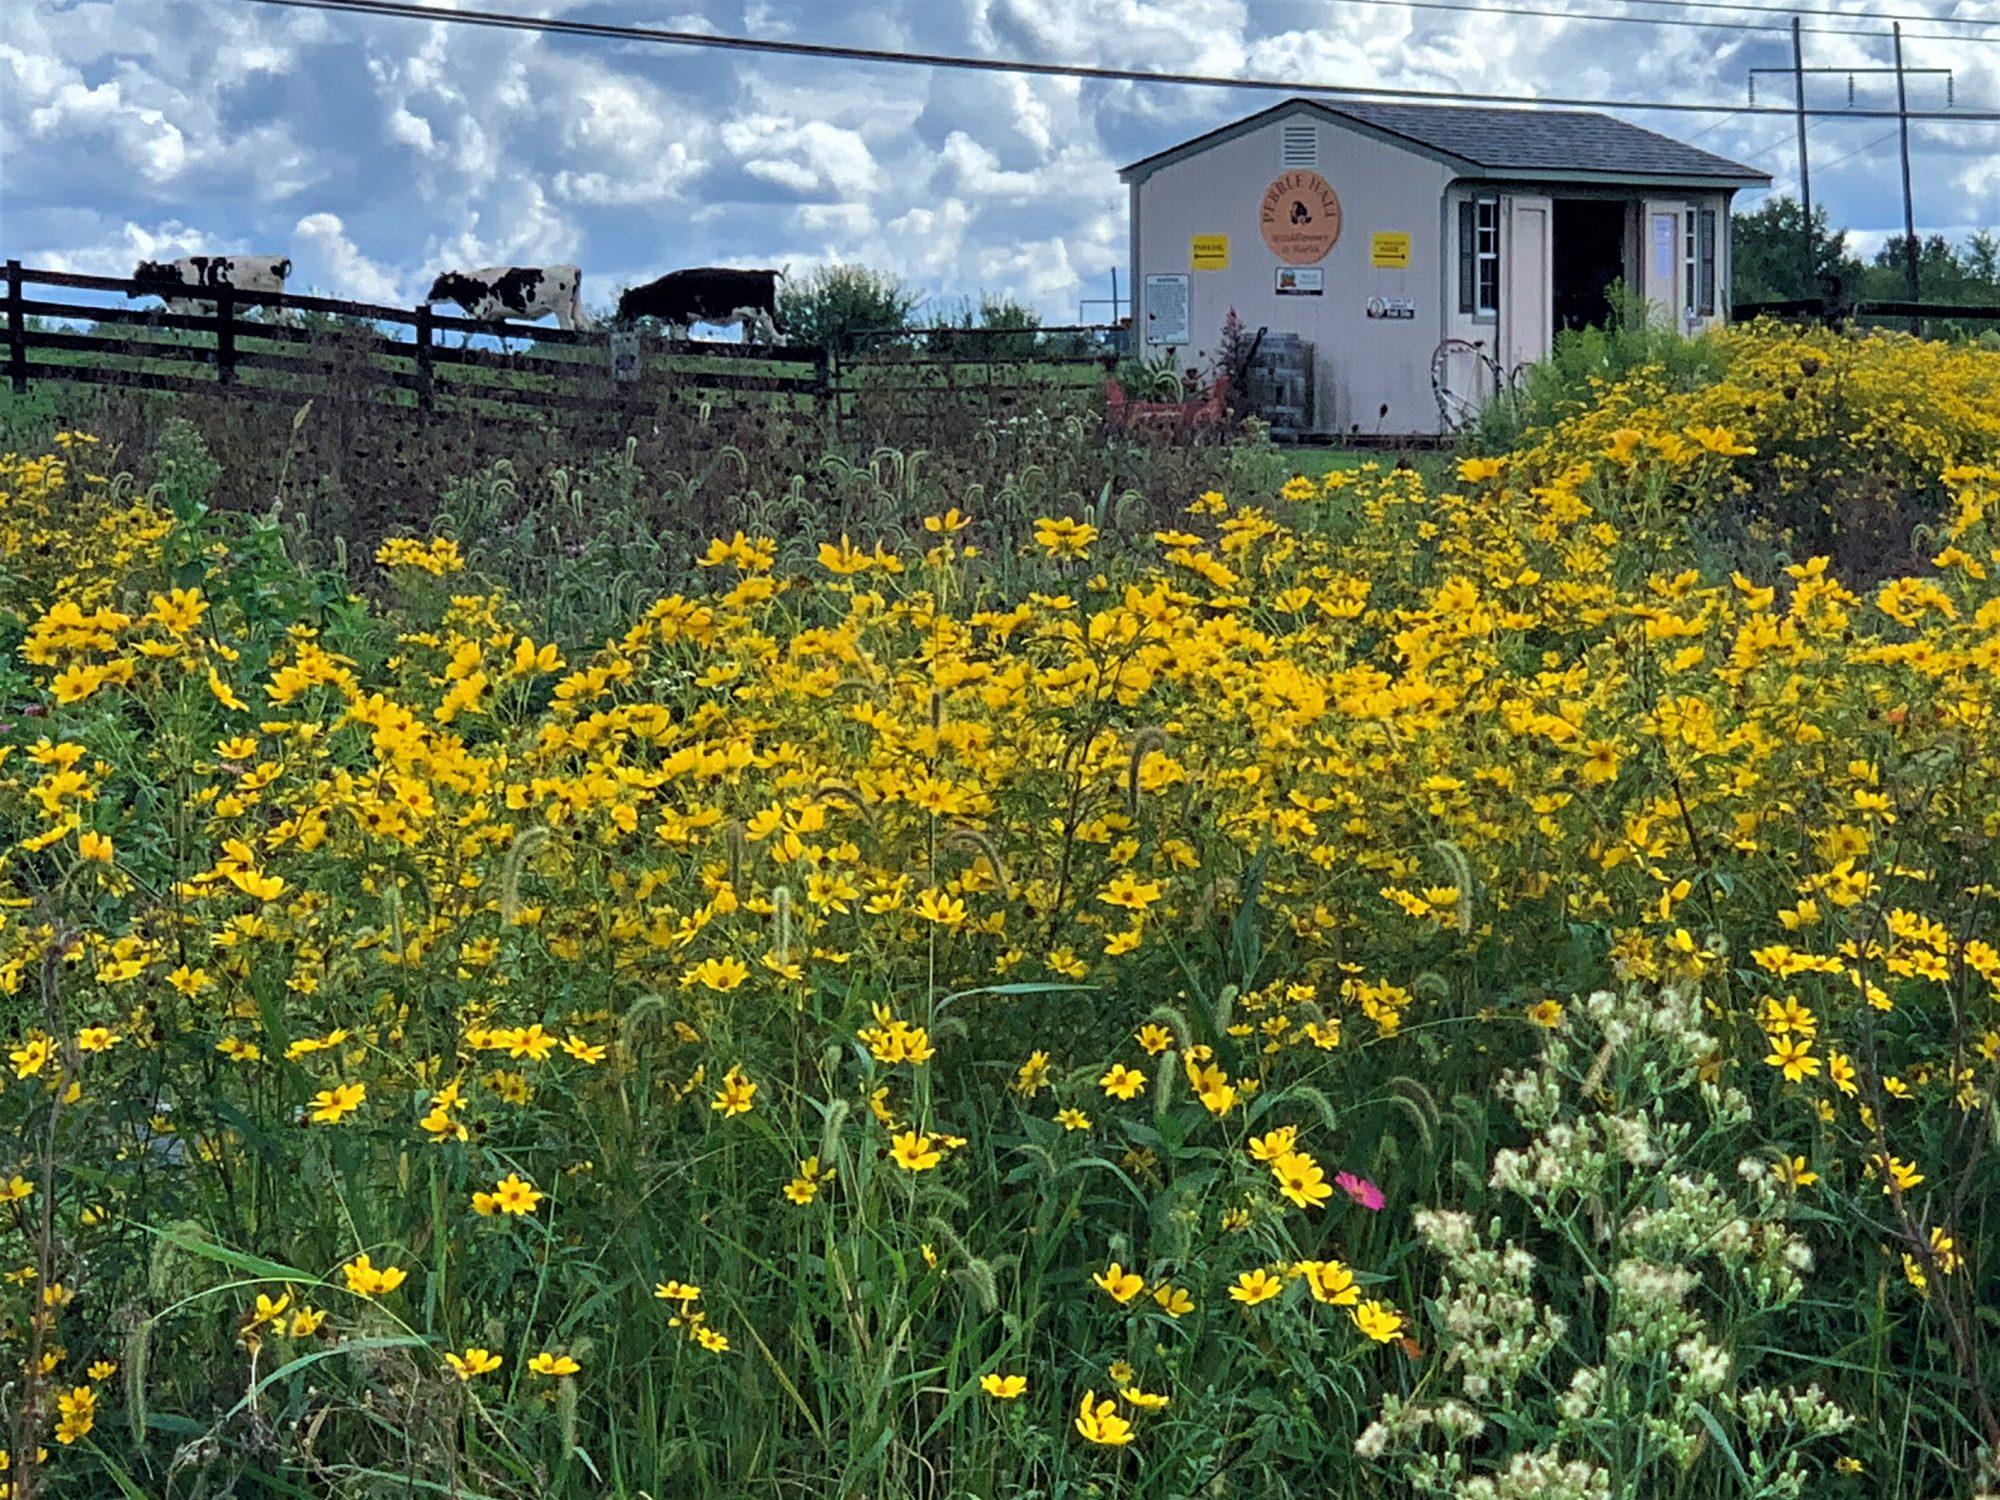 Pebble Hall Wildflowers, Weyers Cave, VA